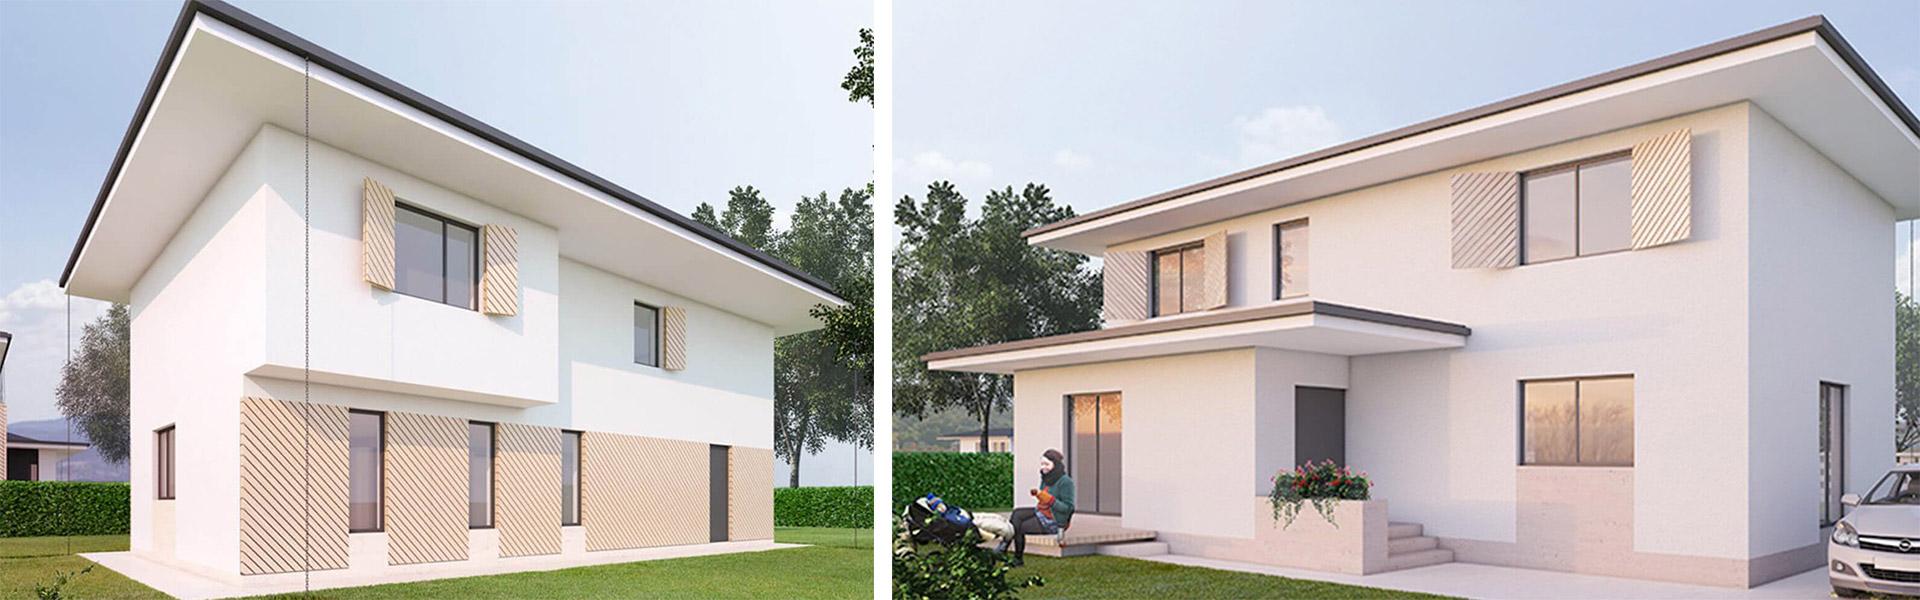 Diferit Haus Residence